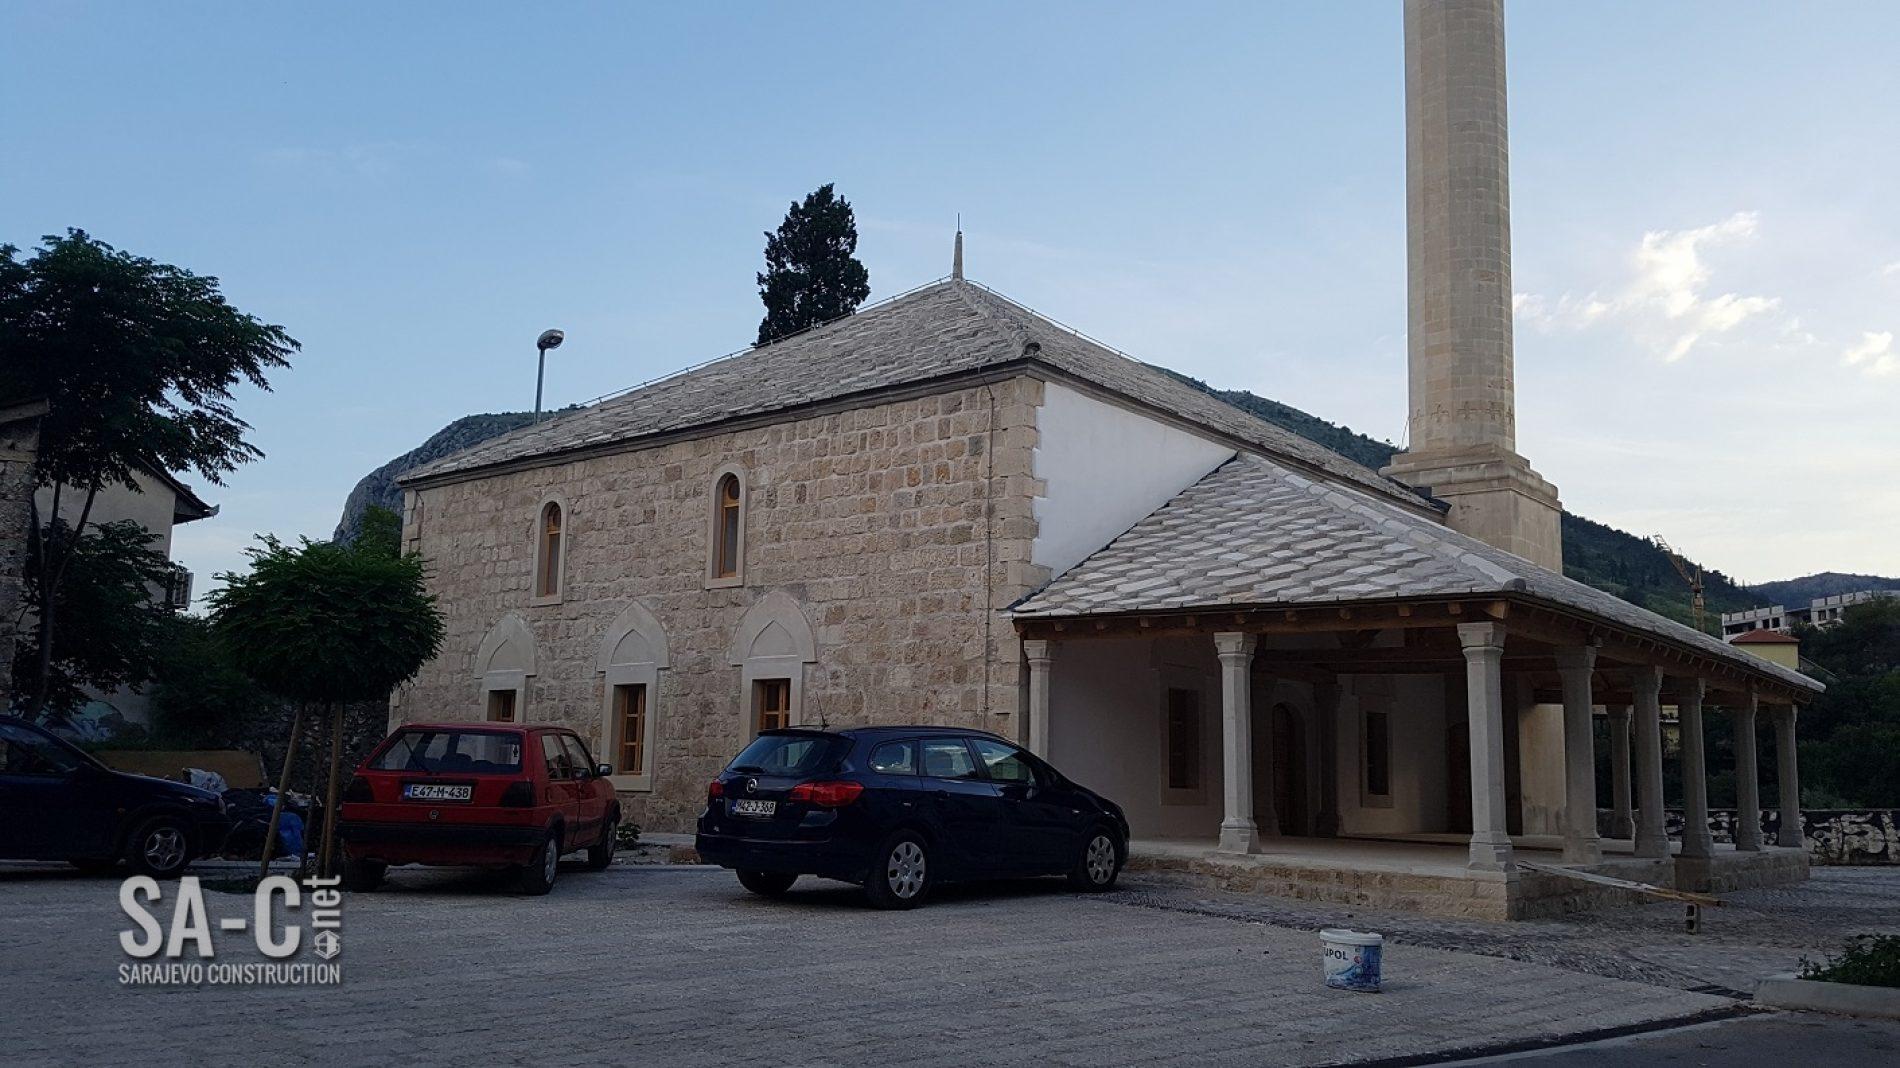 Privodi se kraju rekonstrukcija najveće mostarske džamije